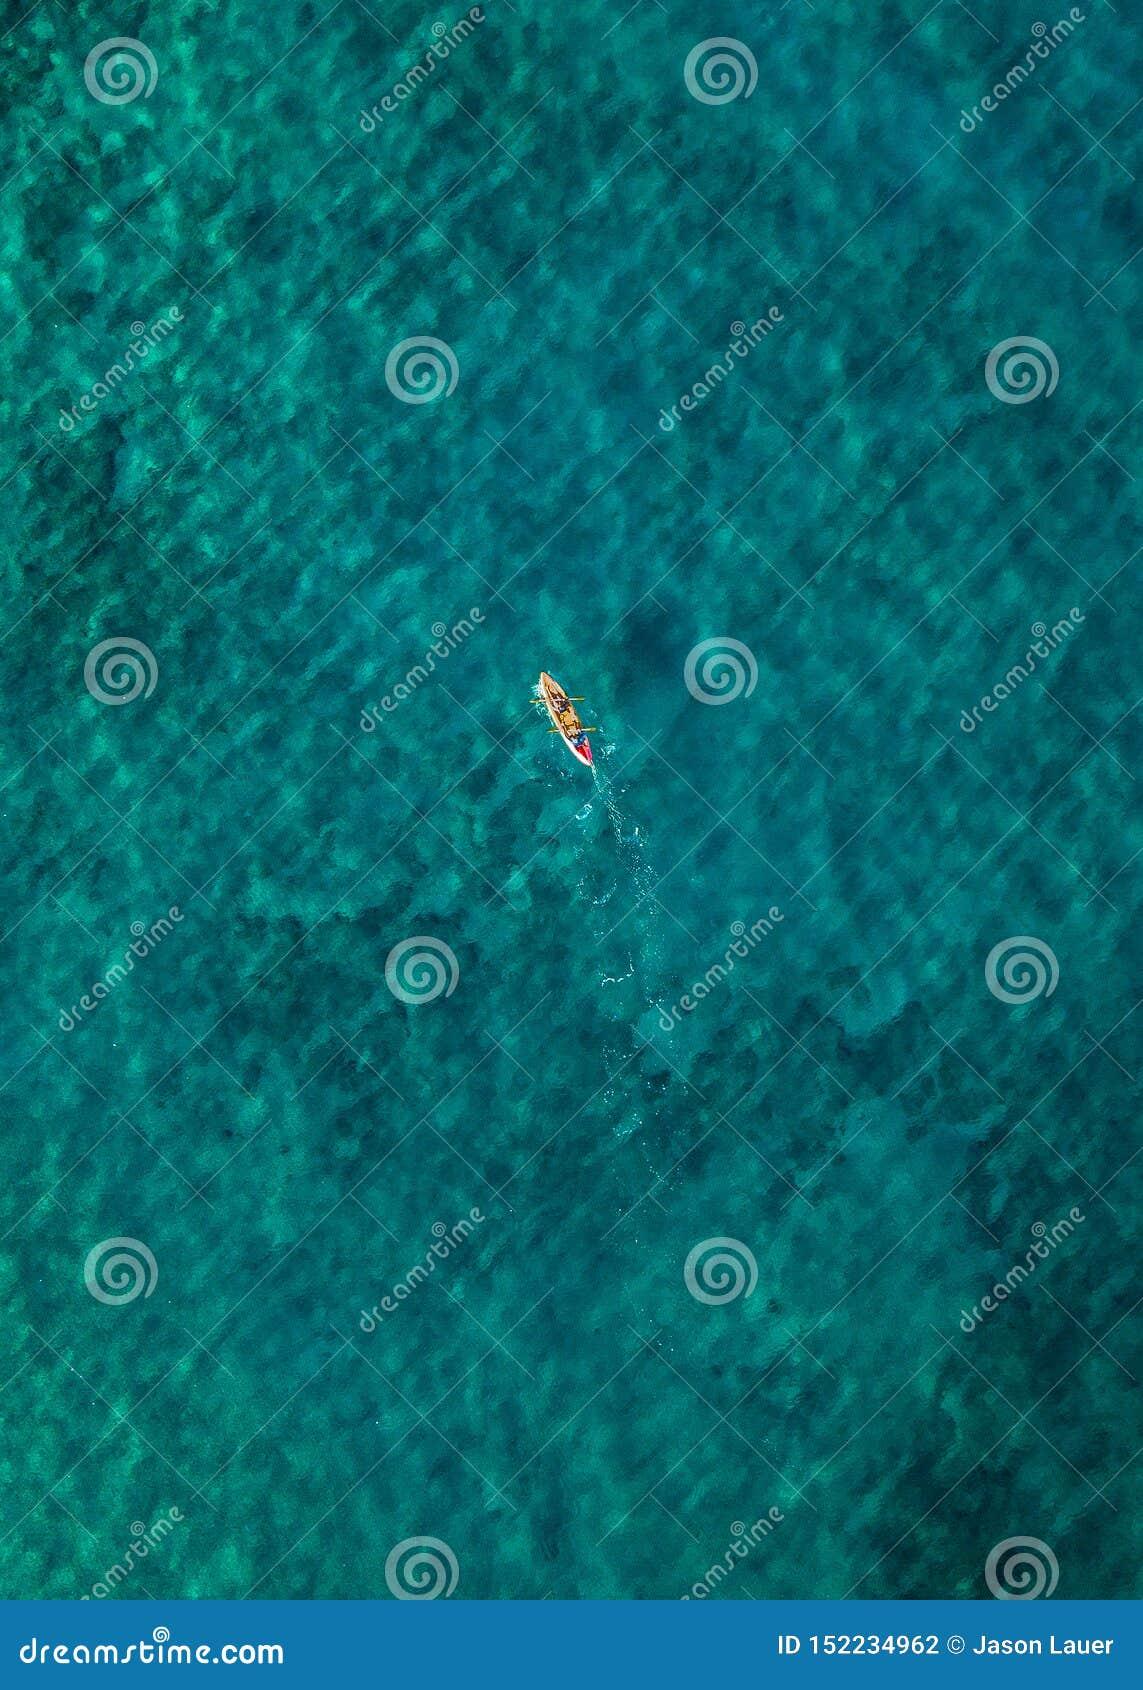 无危险划皮船一个孤立的人小野鸭水